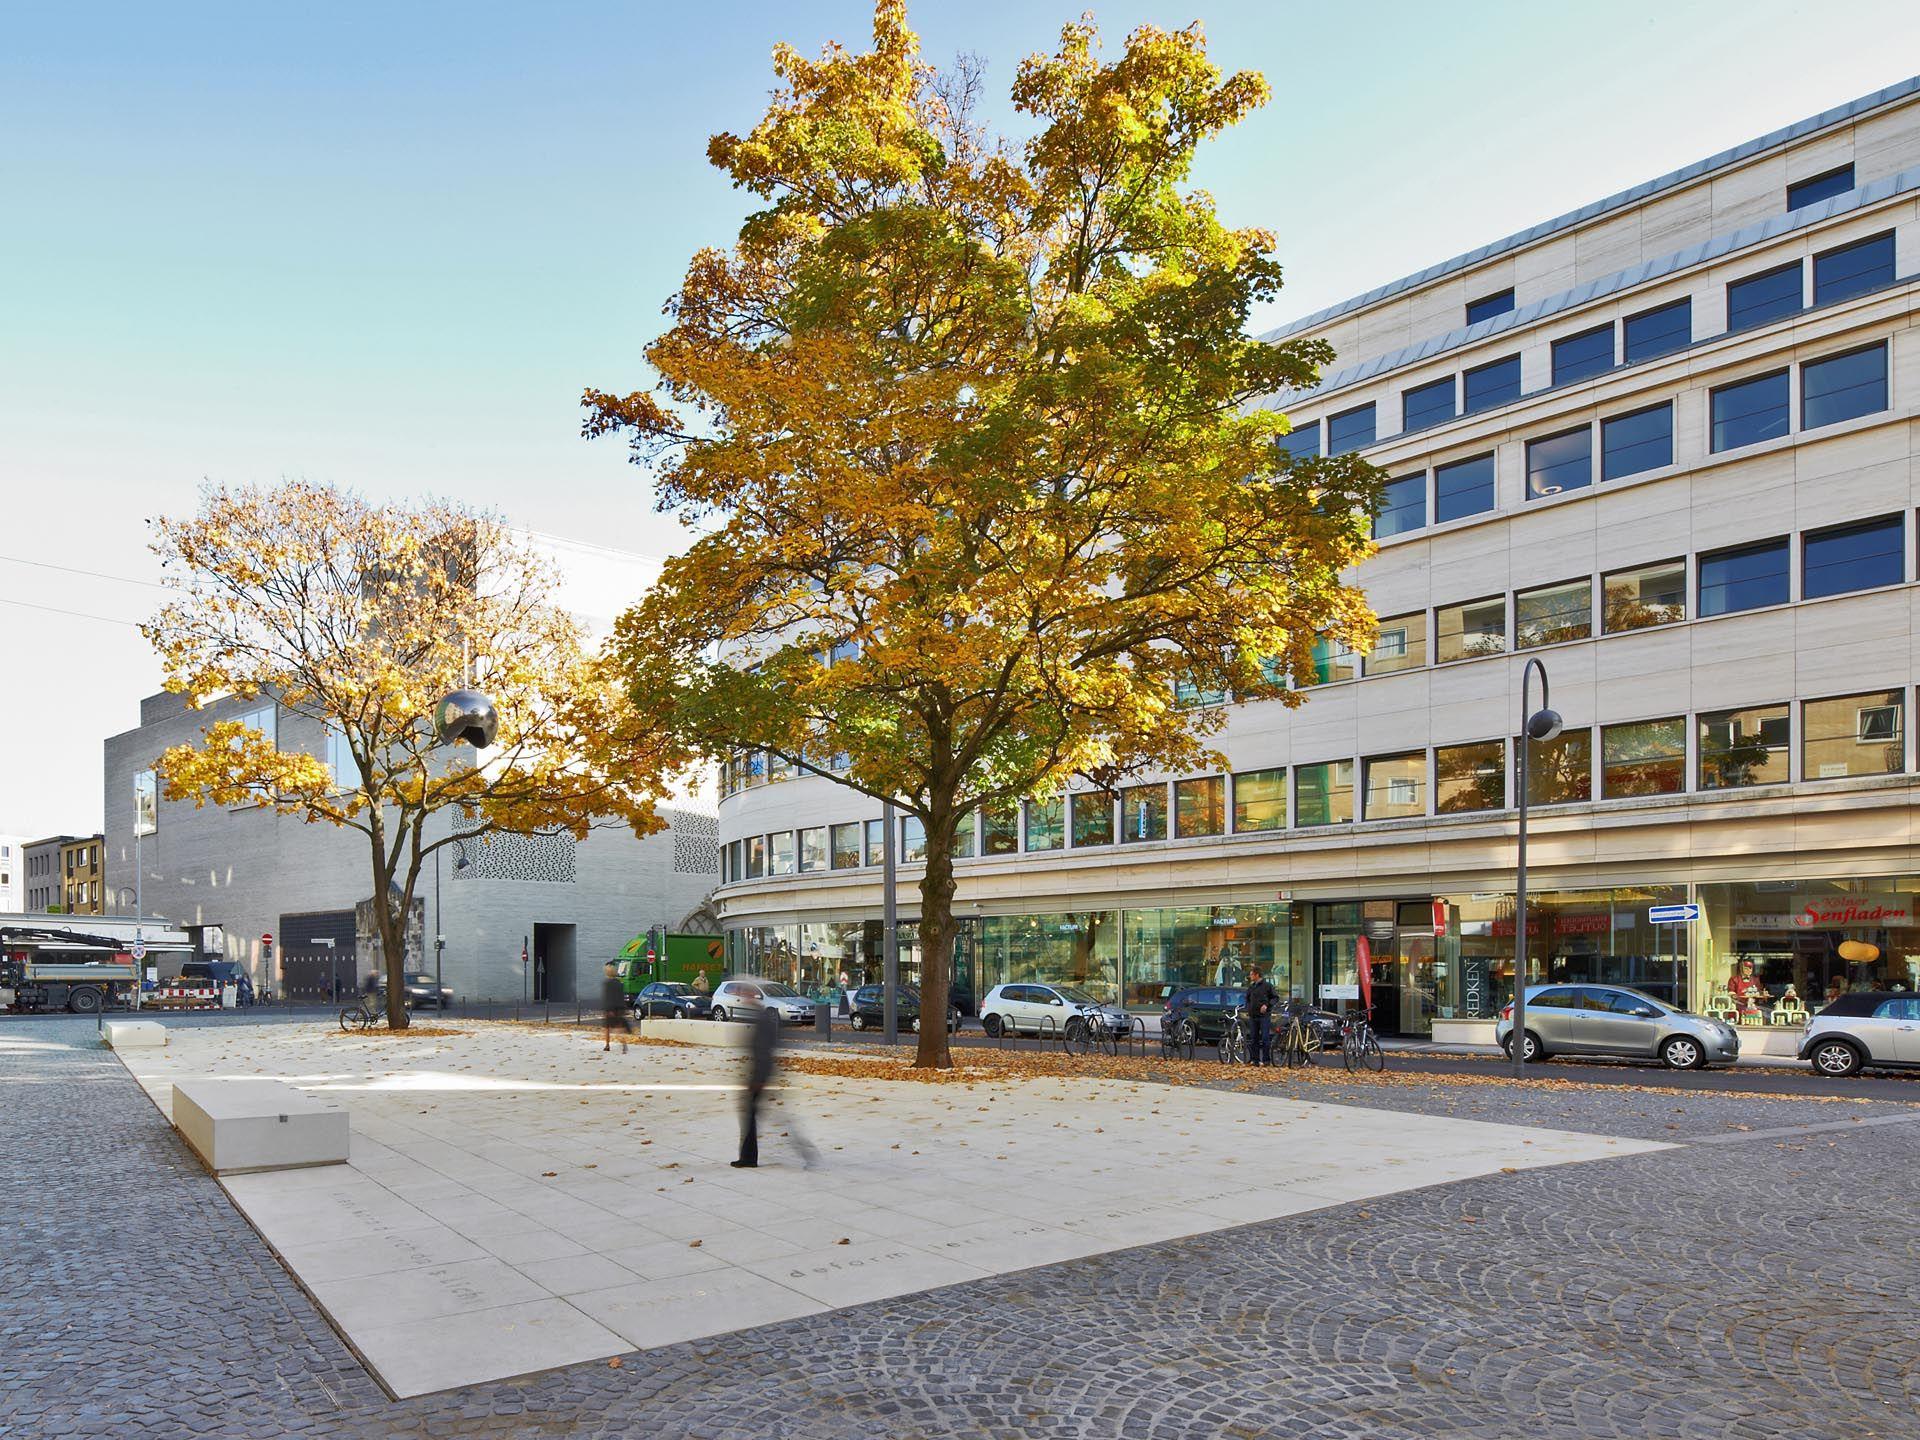 Landschaftsarchitekten Köln l fritz gruber platz köln germany by scape